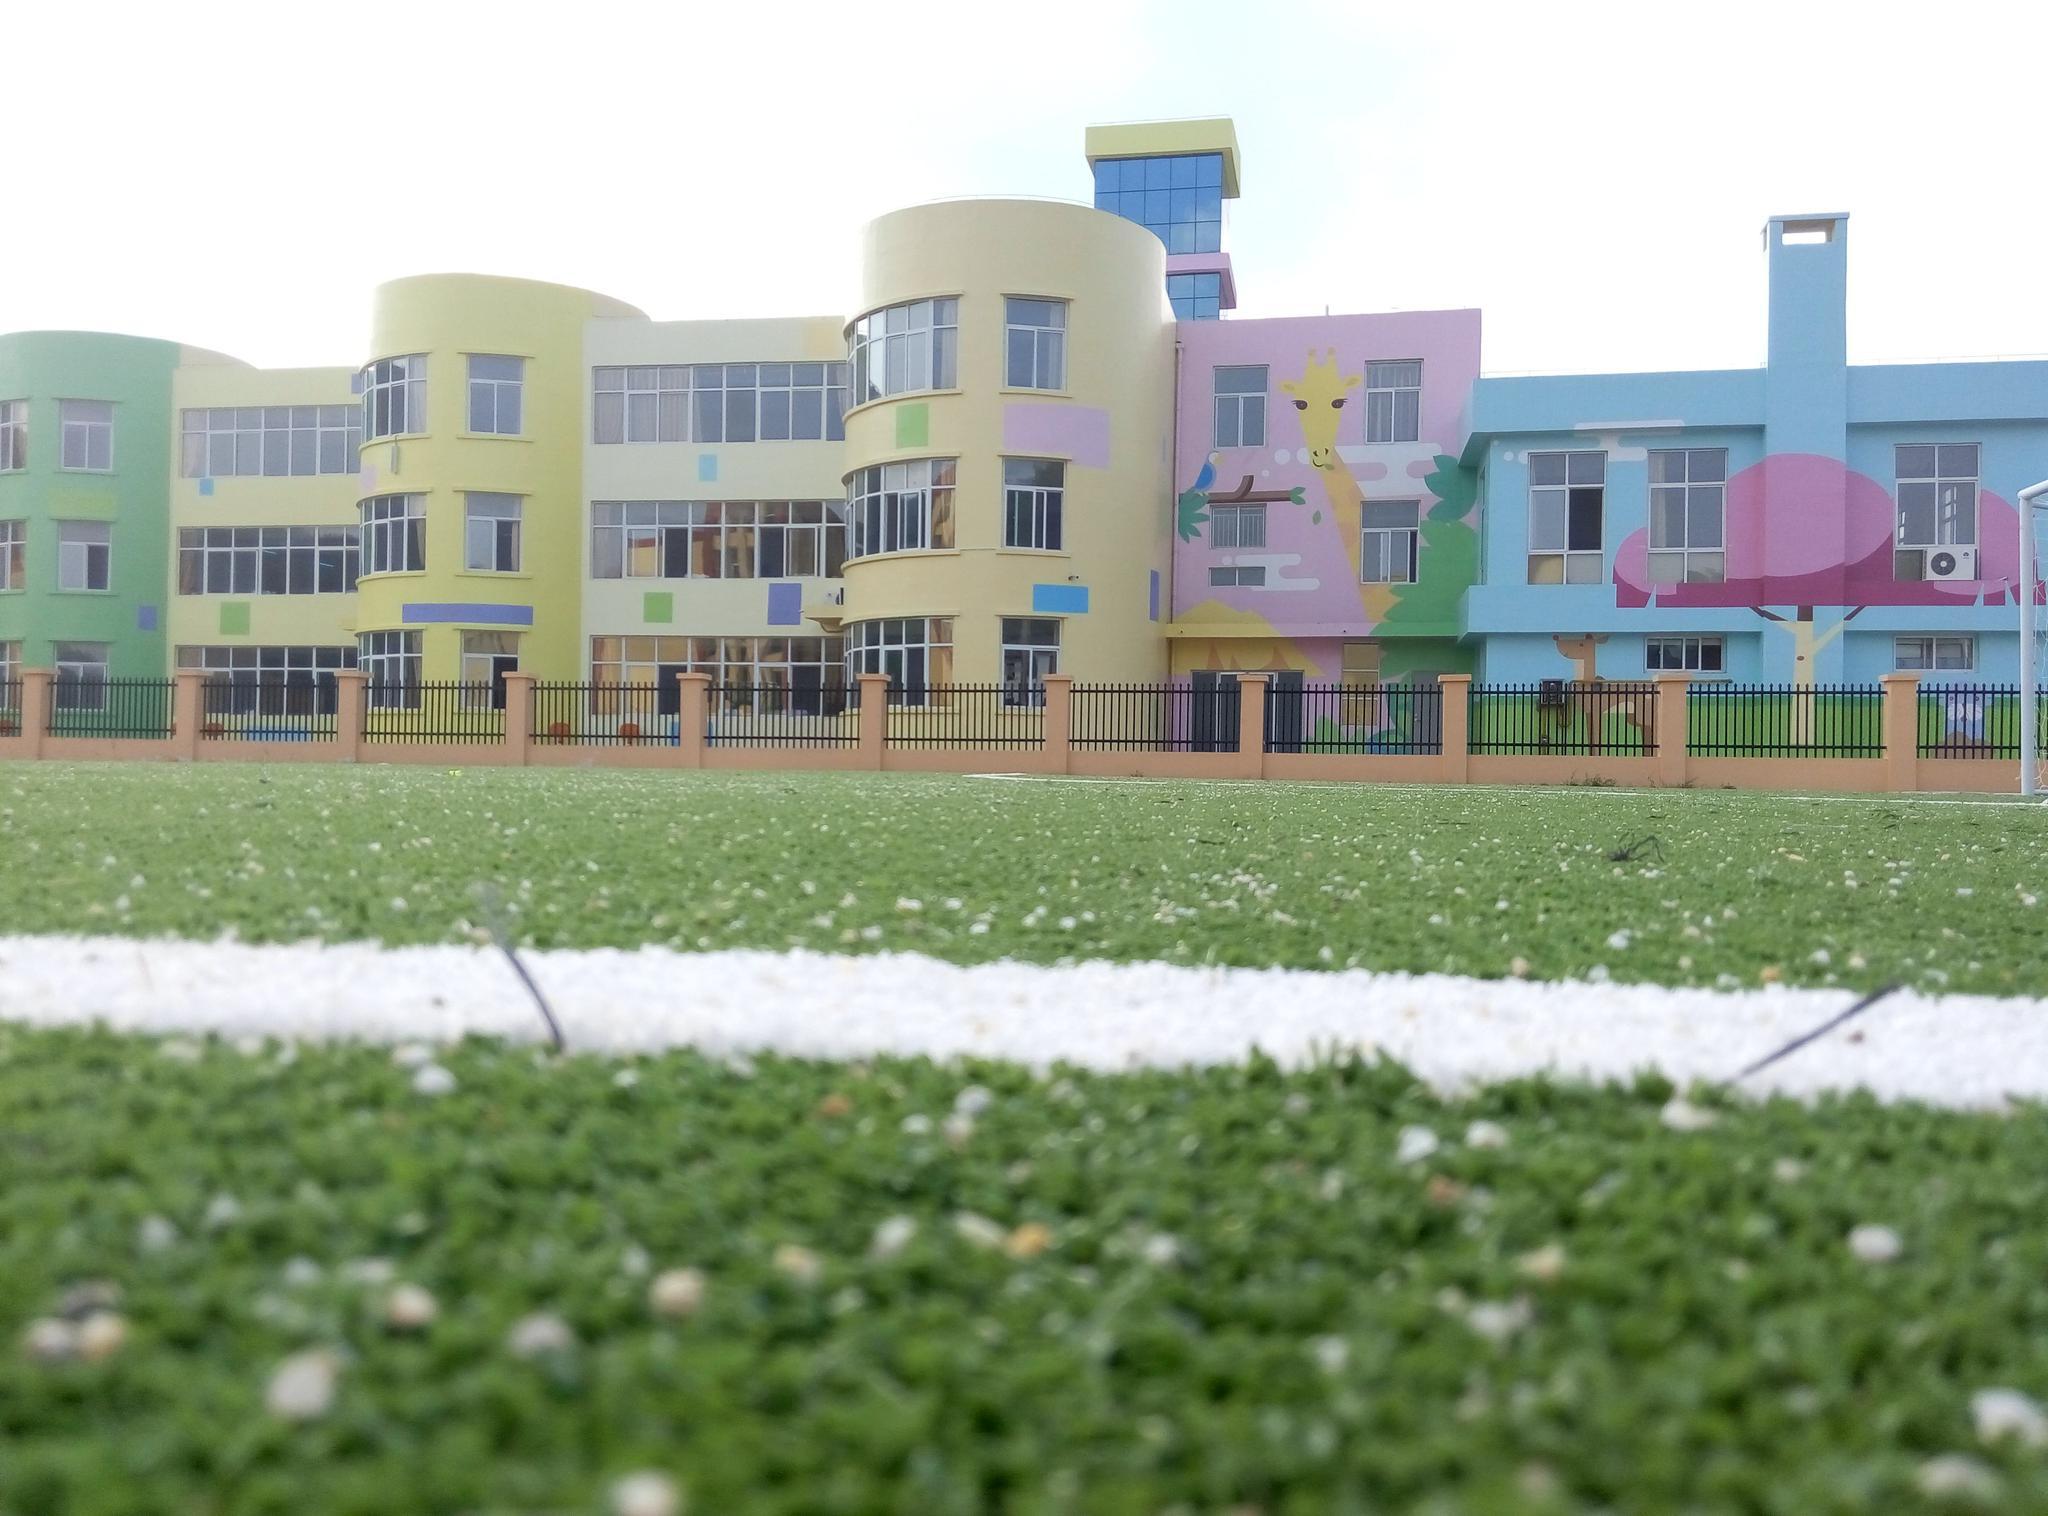 南京今年新建30所幼儿园 新增学位不低于1万个